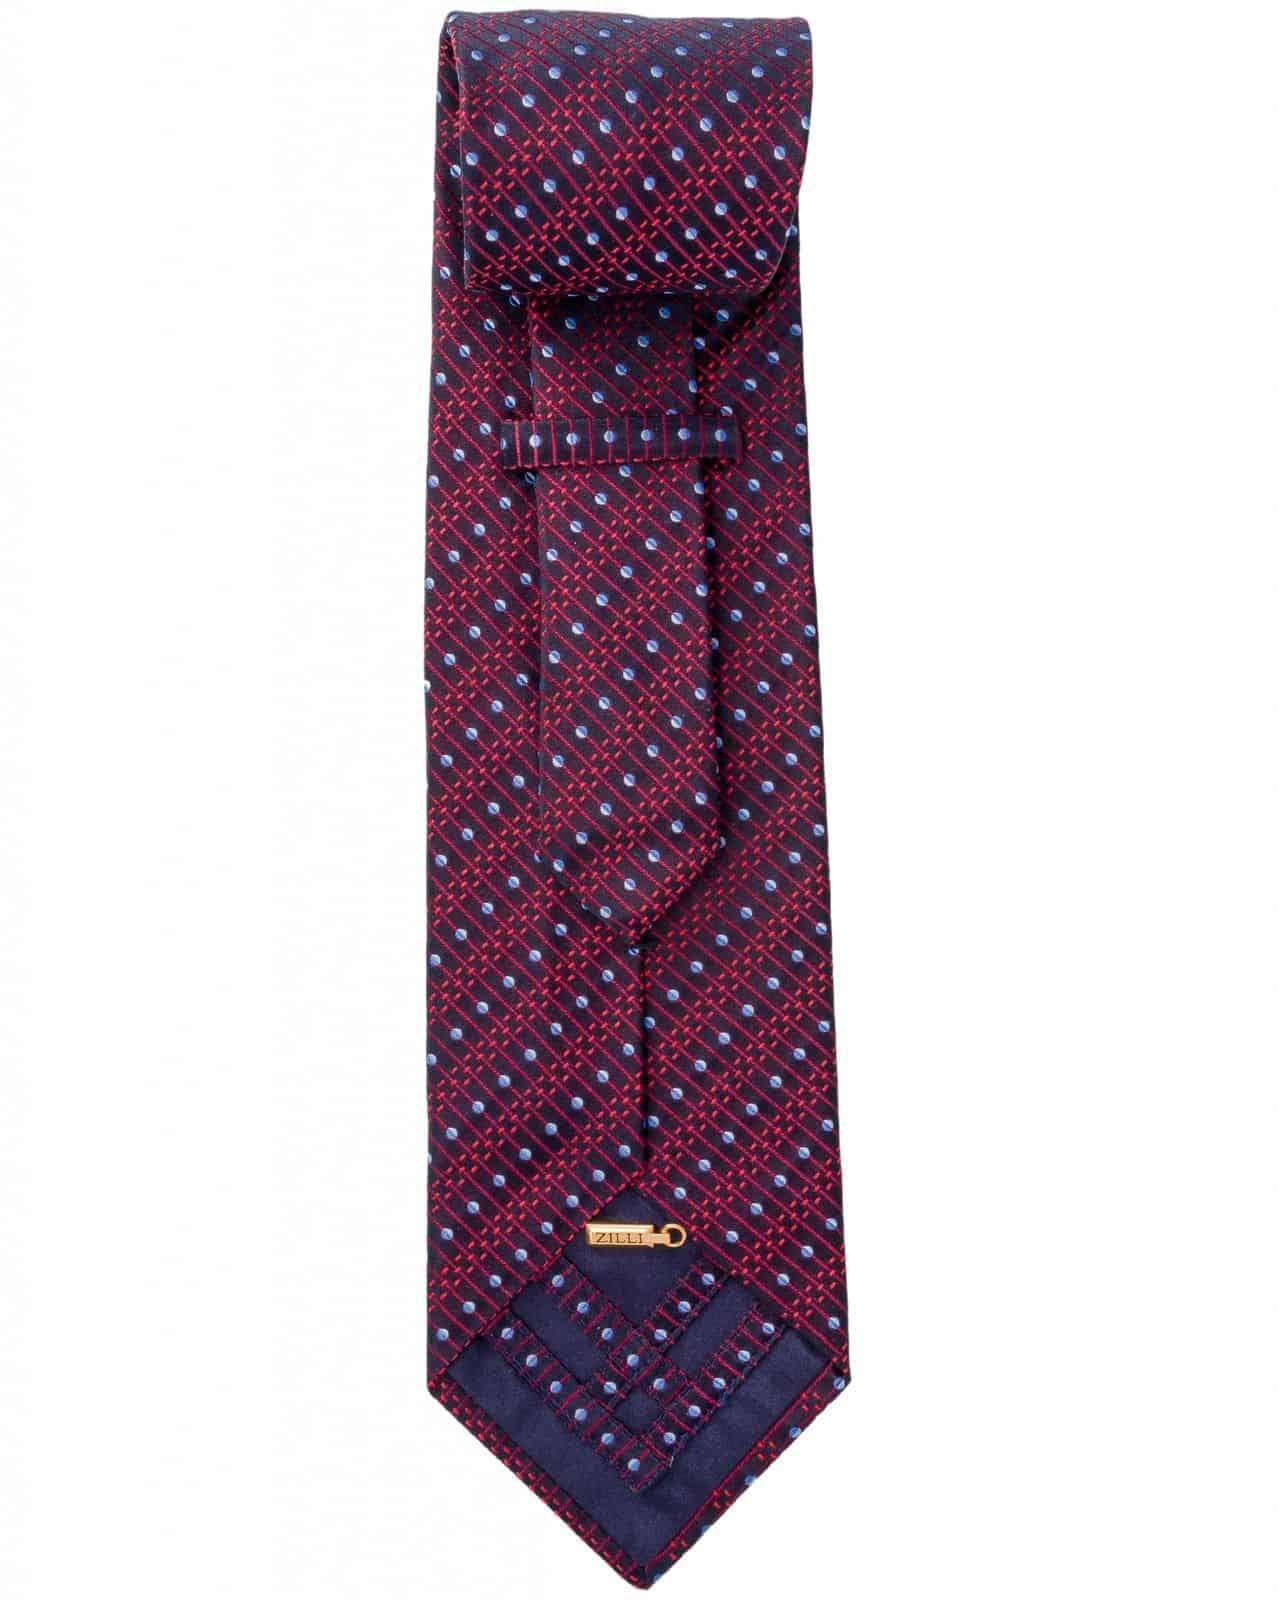 Zilli - 100% Silk Tie Maroon 4919V03